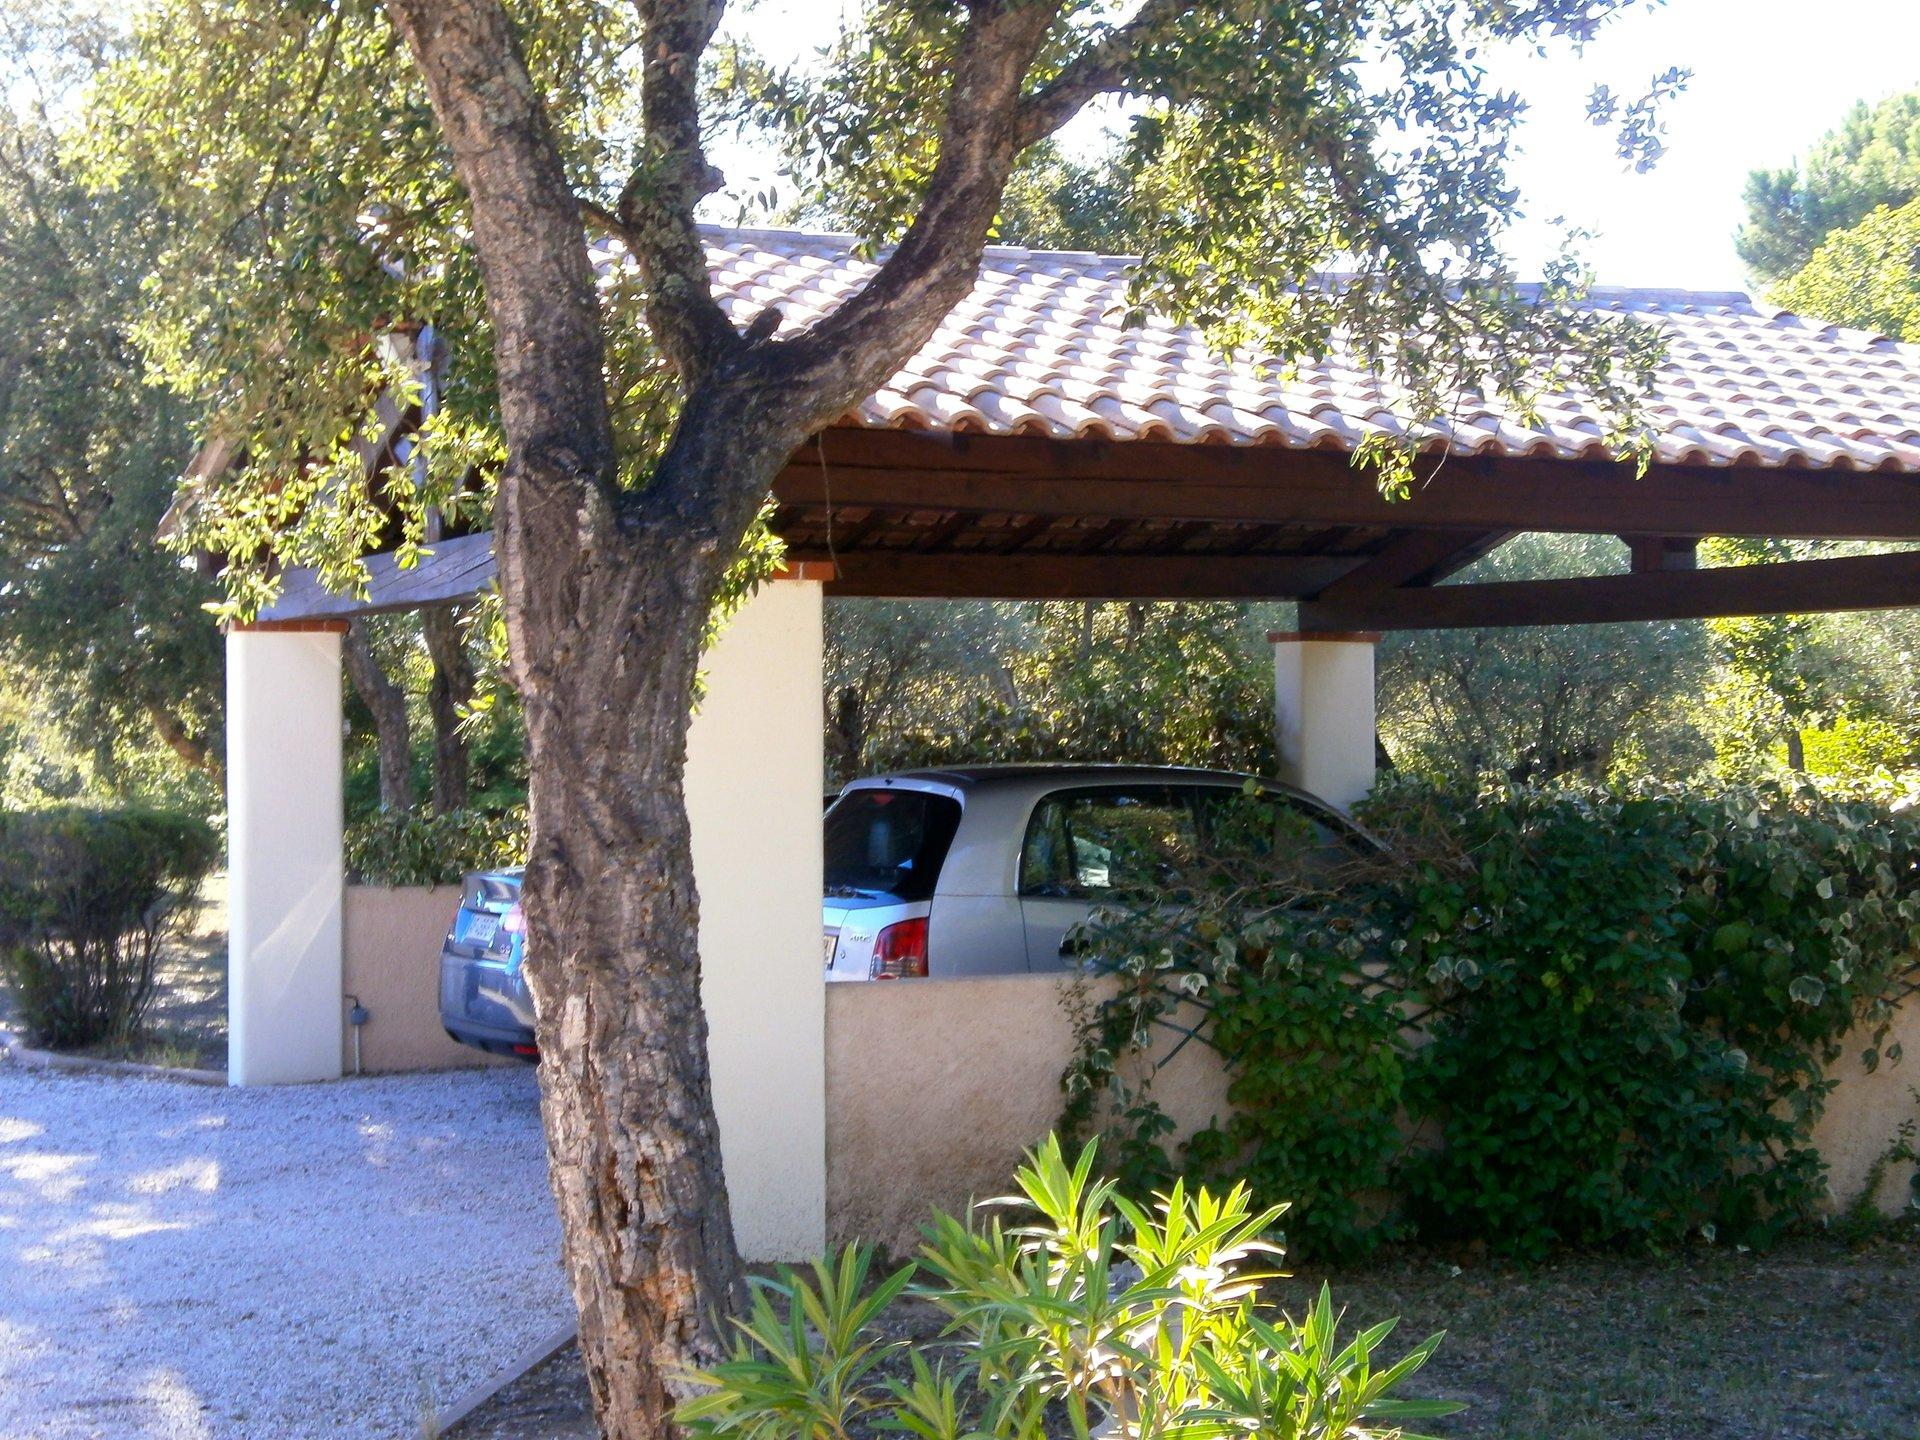 Roquebrune-sur-Argens - Villa (environ 300 m2) sur un double terrain de + 8 500 m2